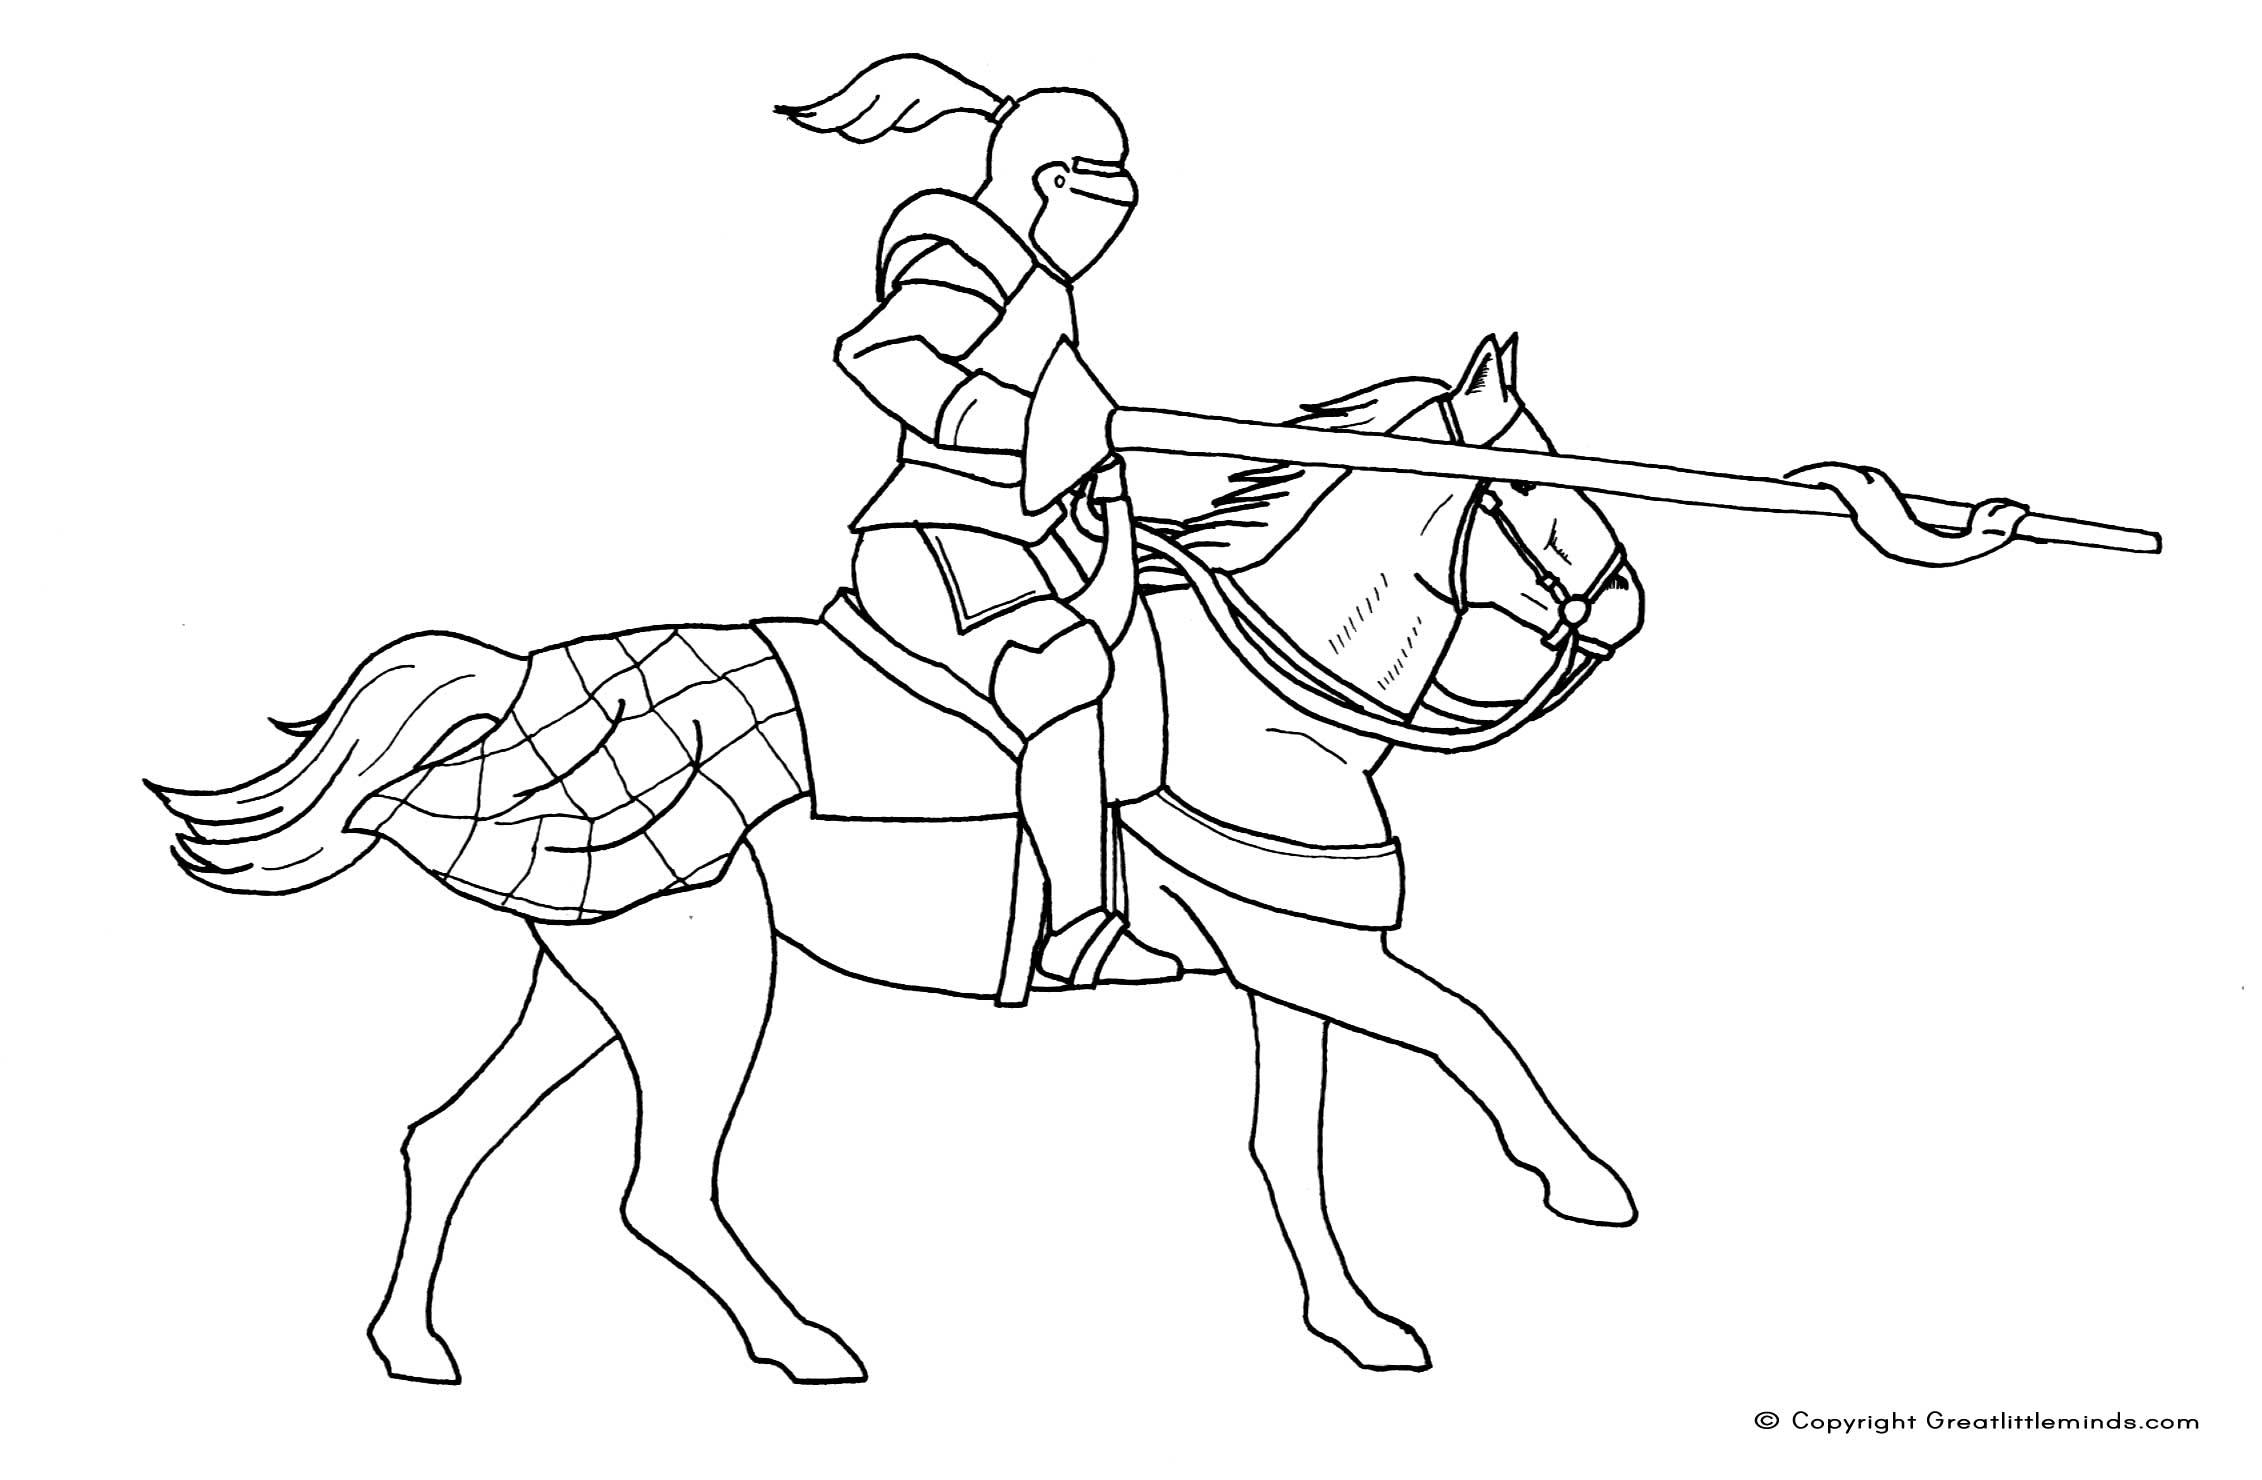 Cartoon Knight Drawing At GetDrawings